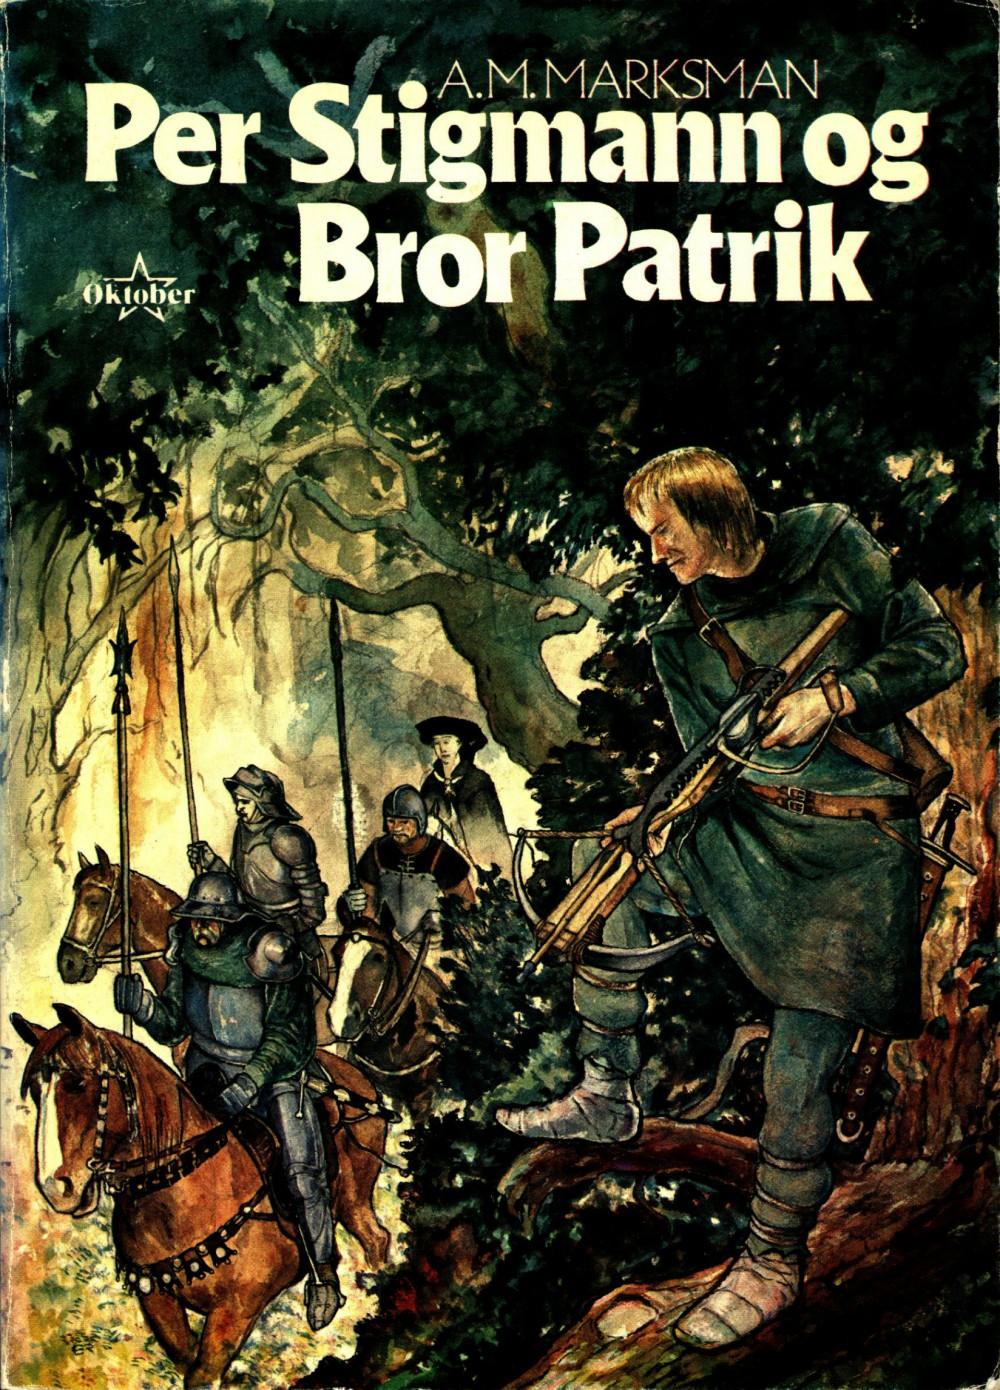 A. M. Marksman: Per Stigmann og Bror Patrik